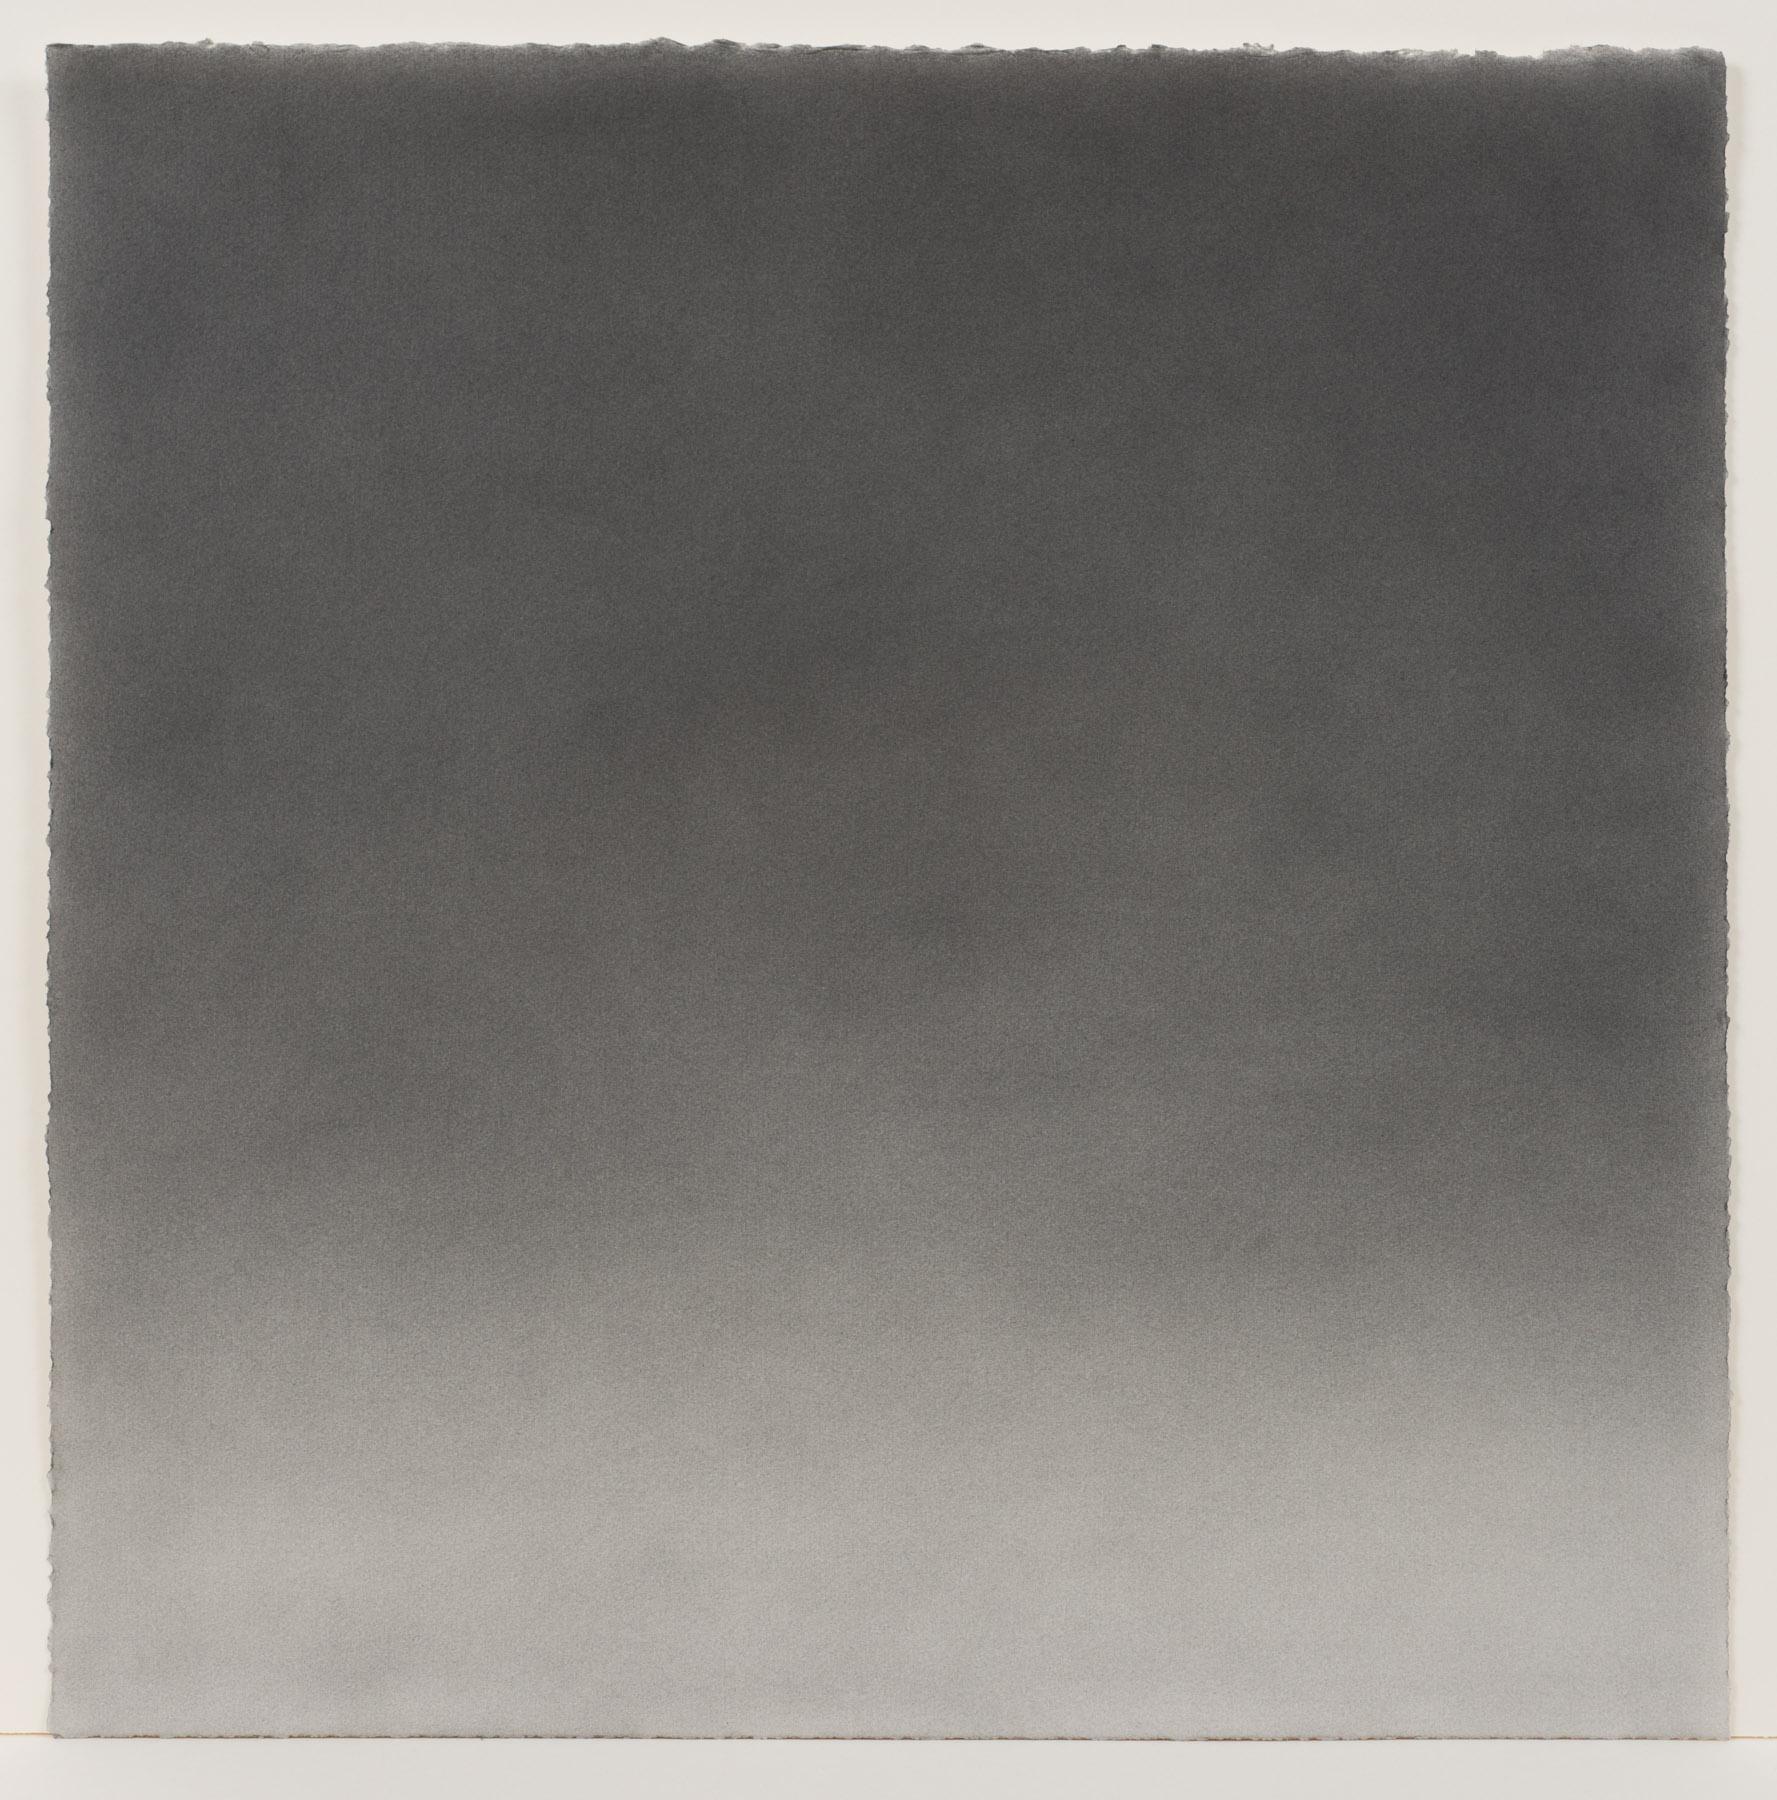 """Andréanne Godin,  #04 : History of a Landscape (Variation II)  de la série  Descriptions de paysages , 2015, poudre de graphite sur papier Arches, 61 x 61 cm (24"""" x 24"""")"""